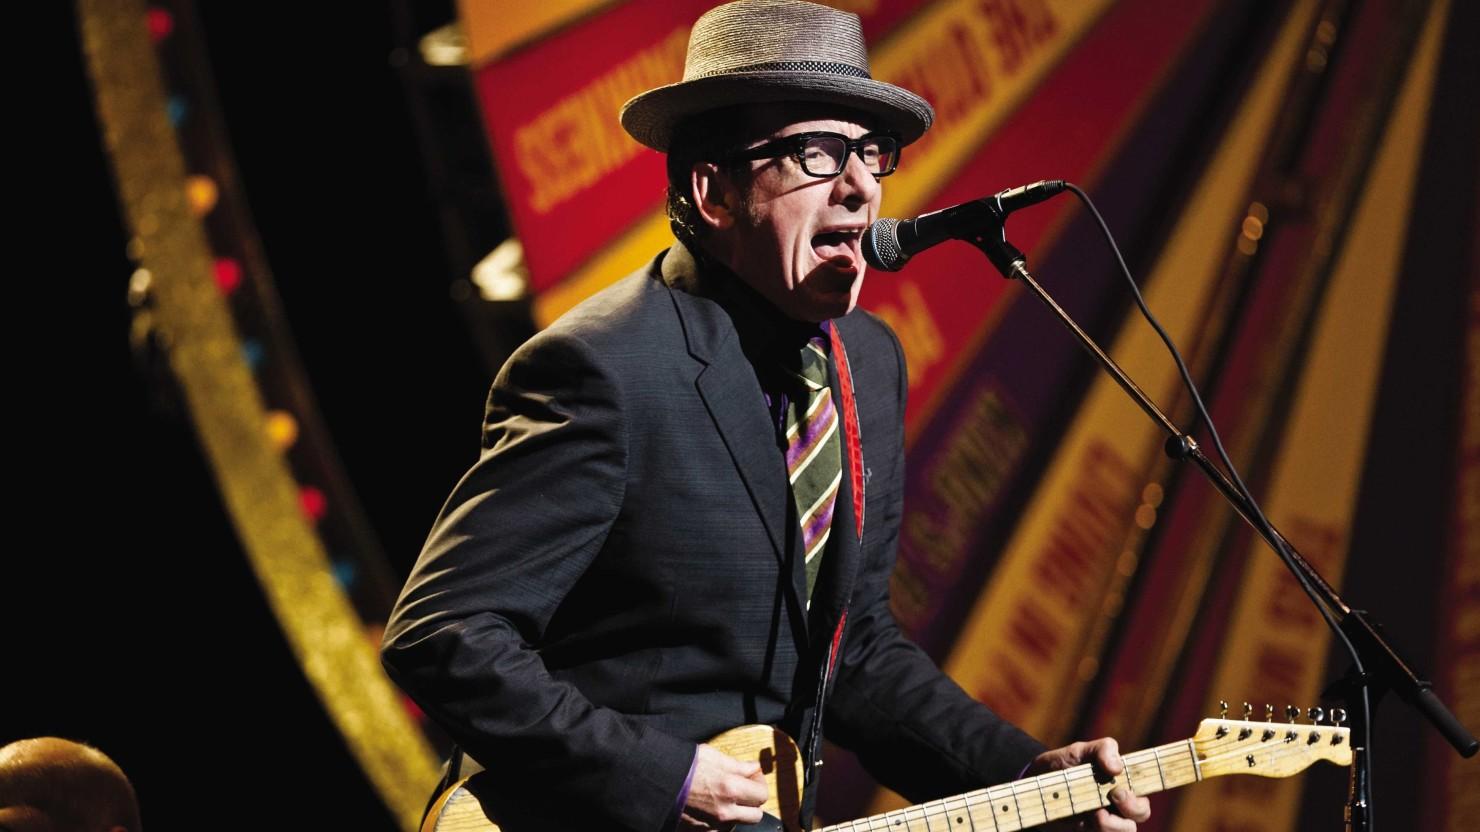 Elvis Costello: ad ottobre il nuovo album, condivise due tracce [Listen]